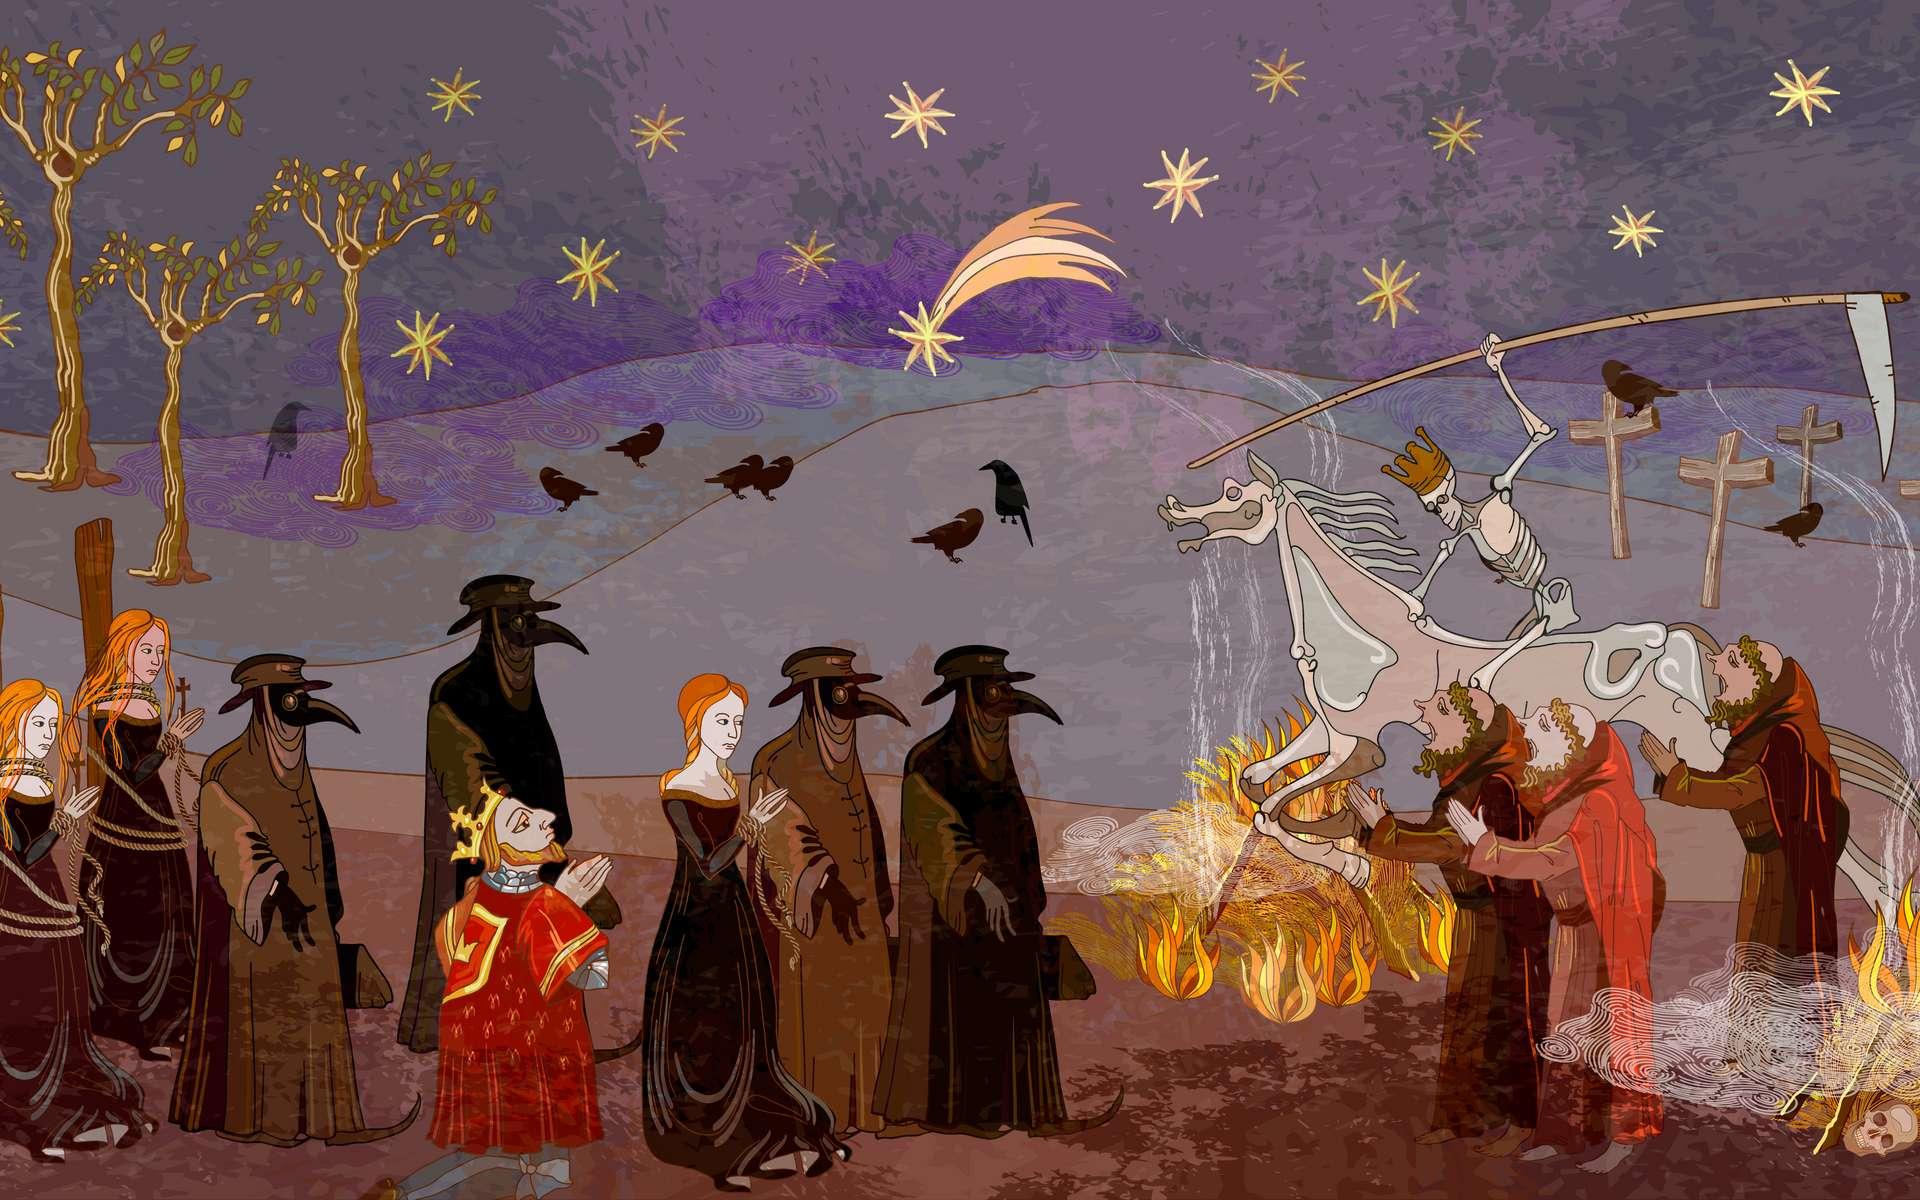 L'épidémie de peste noire a fait des ravages dans l'Europe médiévale. © Marioshka, Adobe Stock